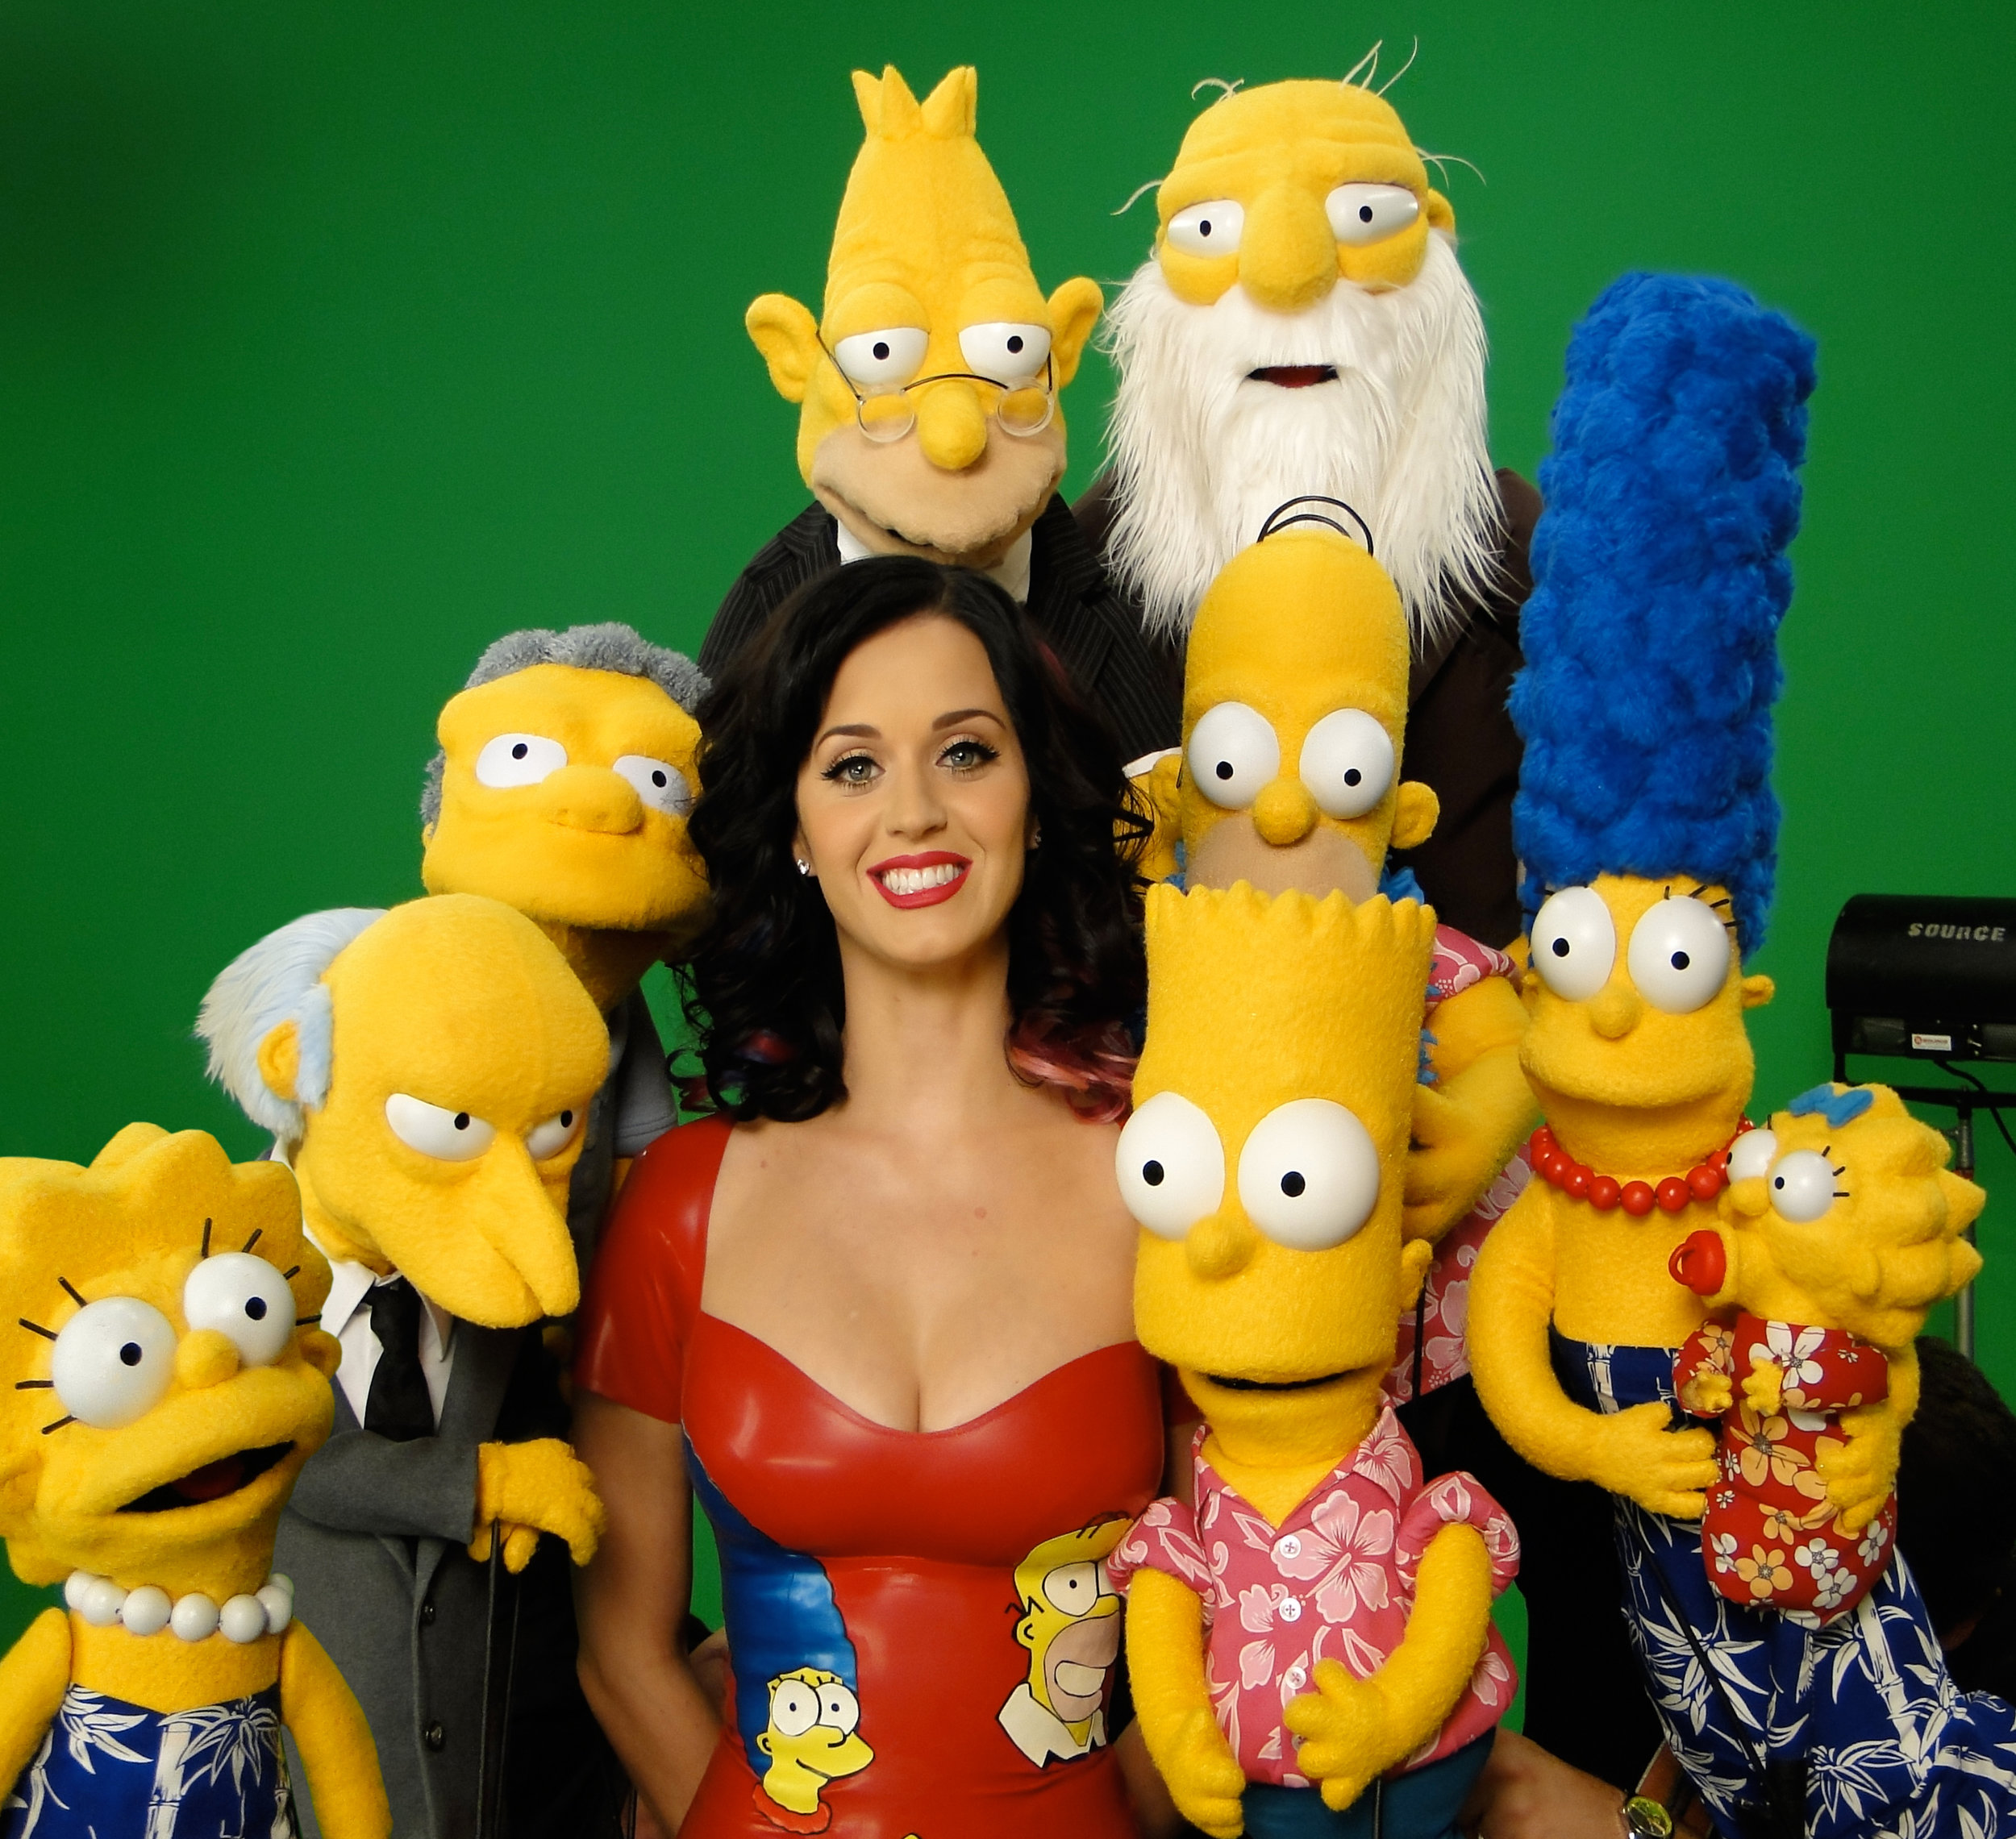 Simpsons Katy Perry.jpg